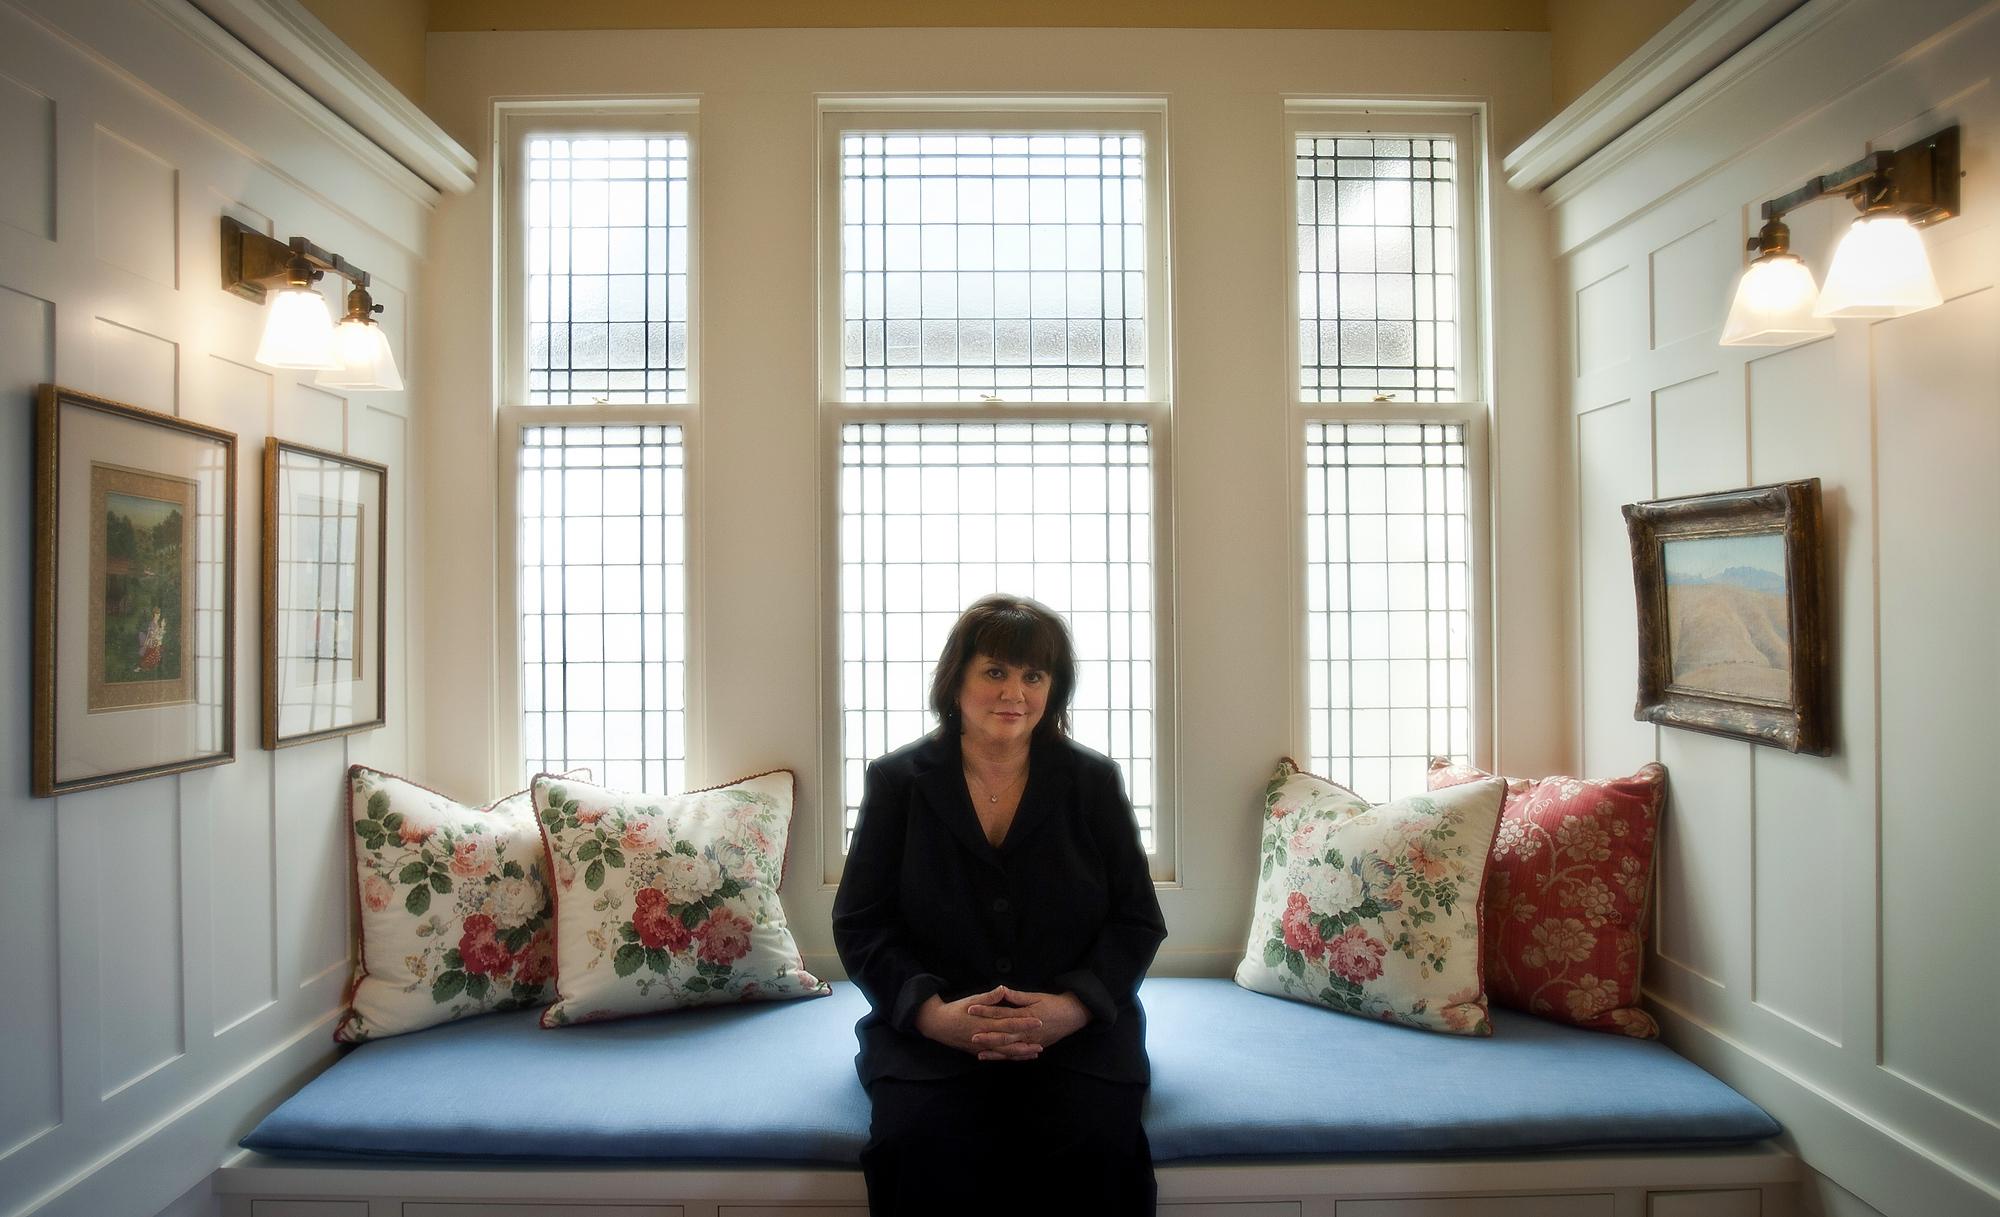 Linda Ronstadt - recording artist